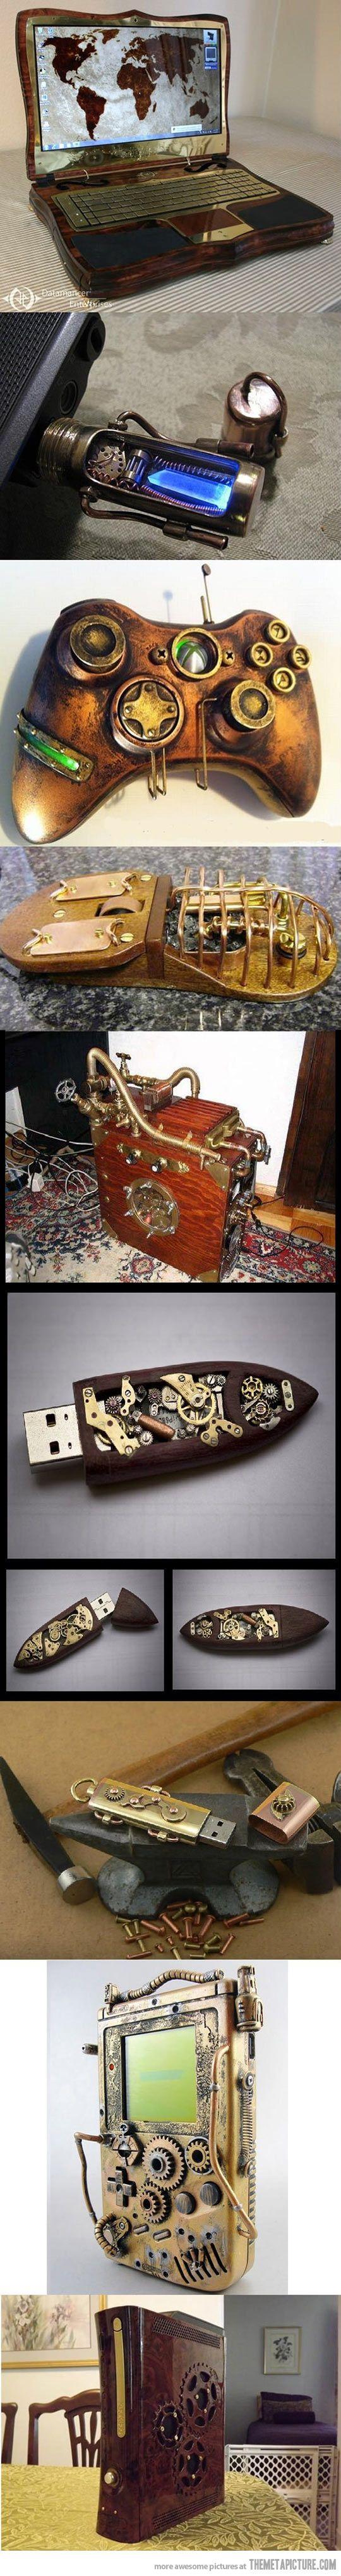 Notebook e periféricos. Steampunk. Arte. Criatividade. Informática.